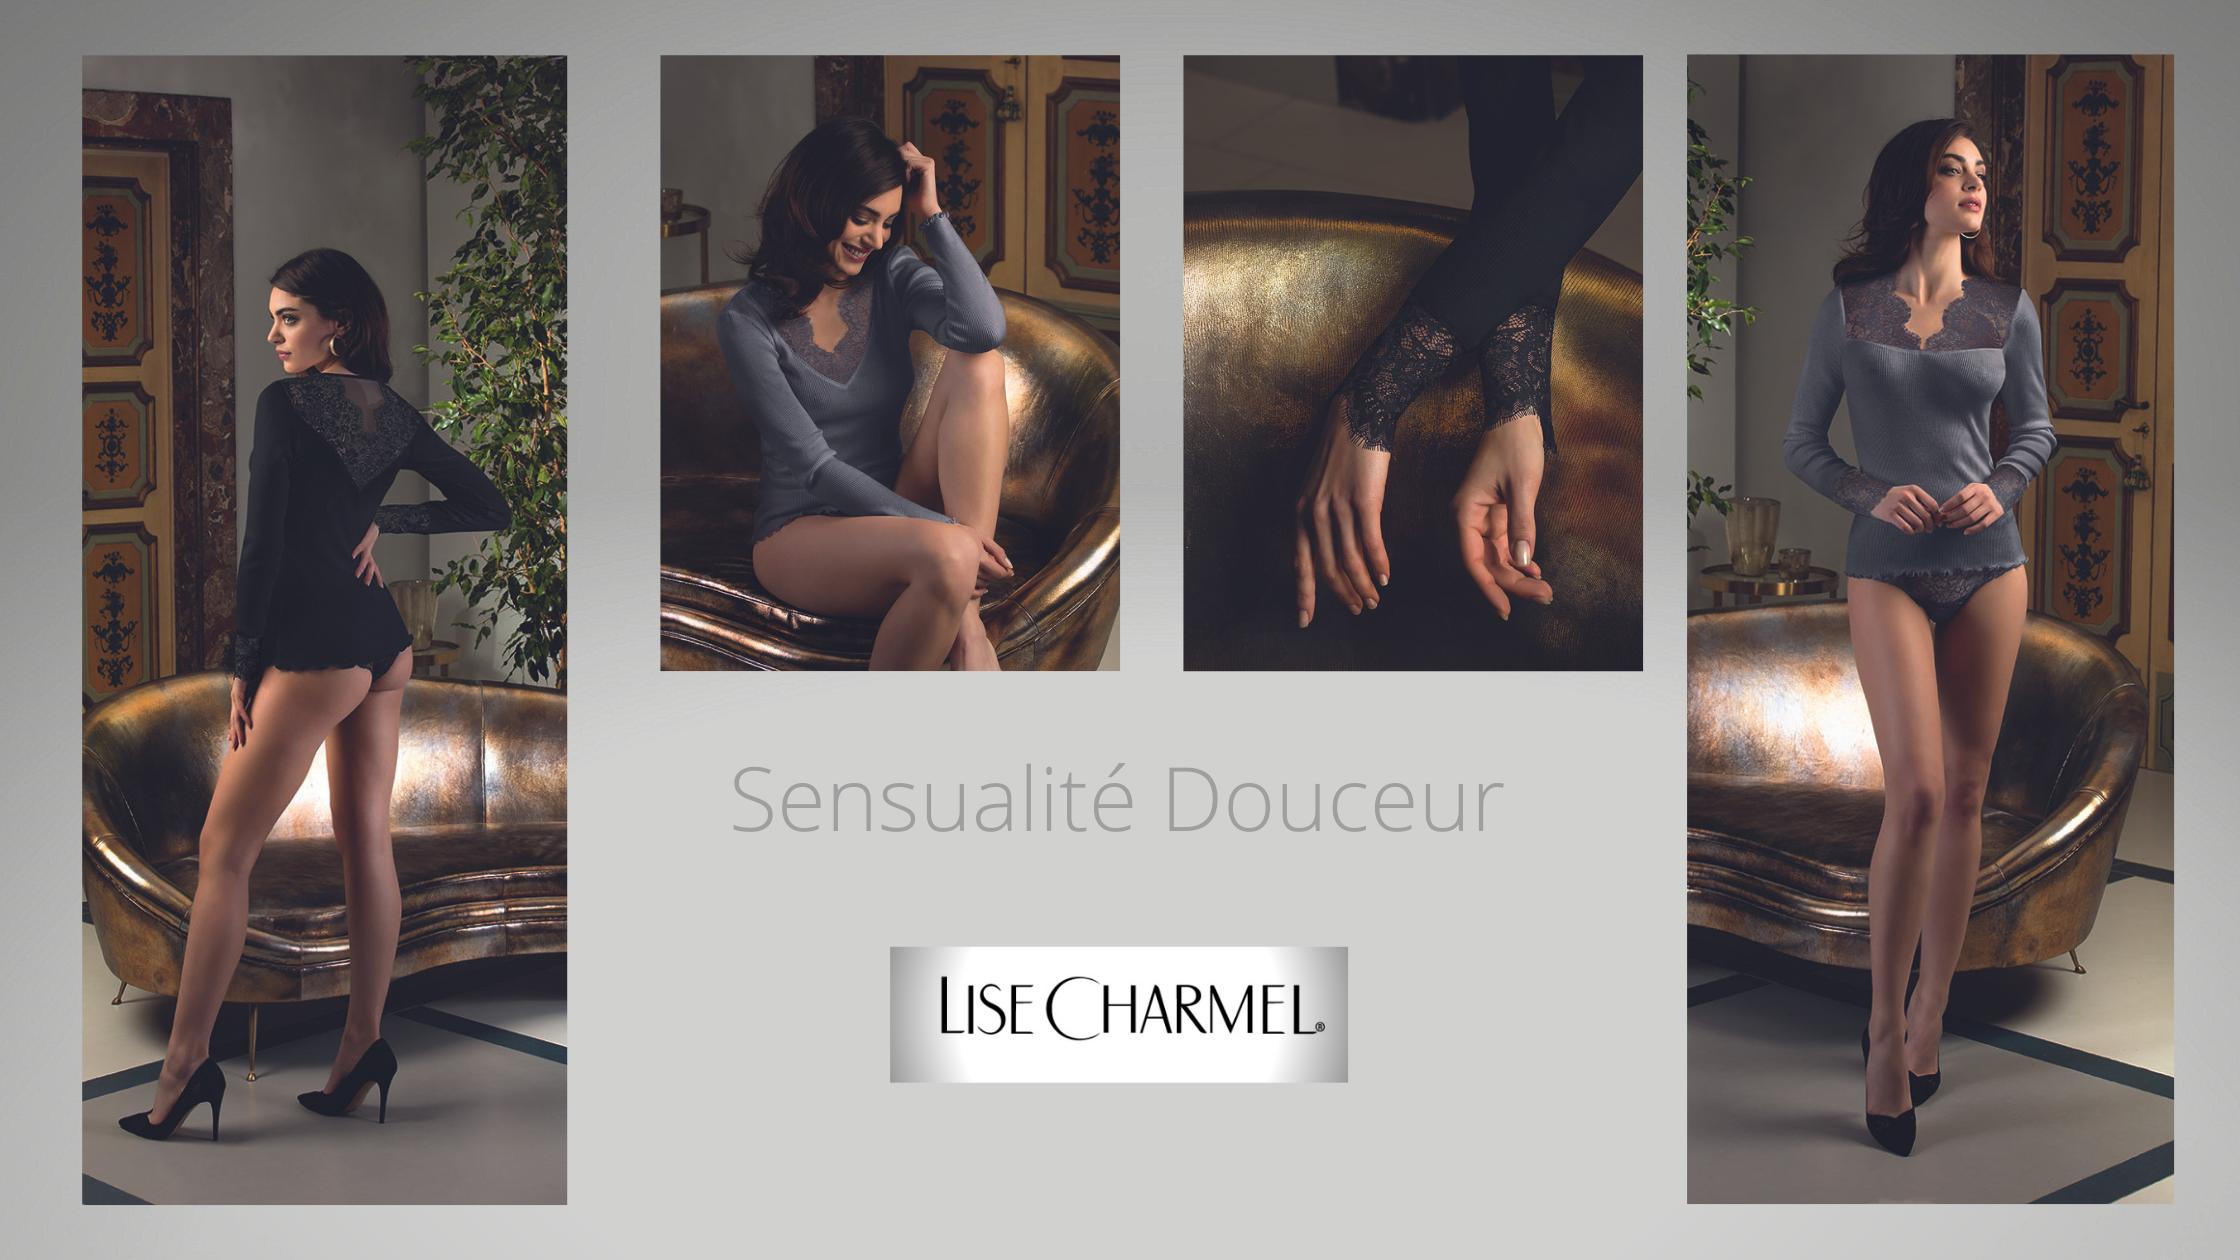 H10 Sensualité Douceur